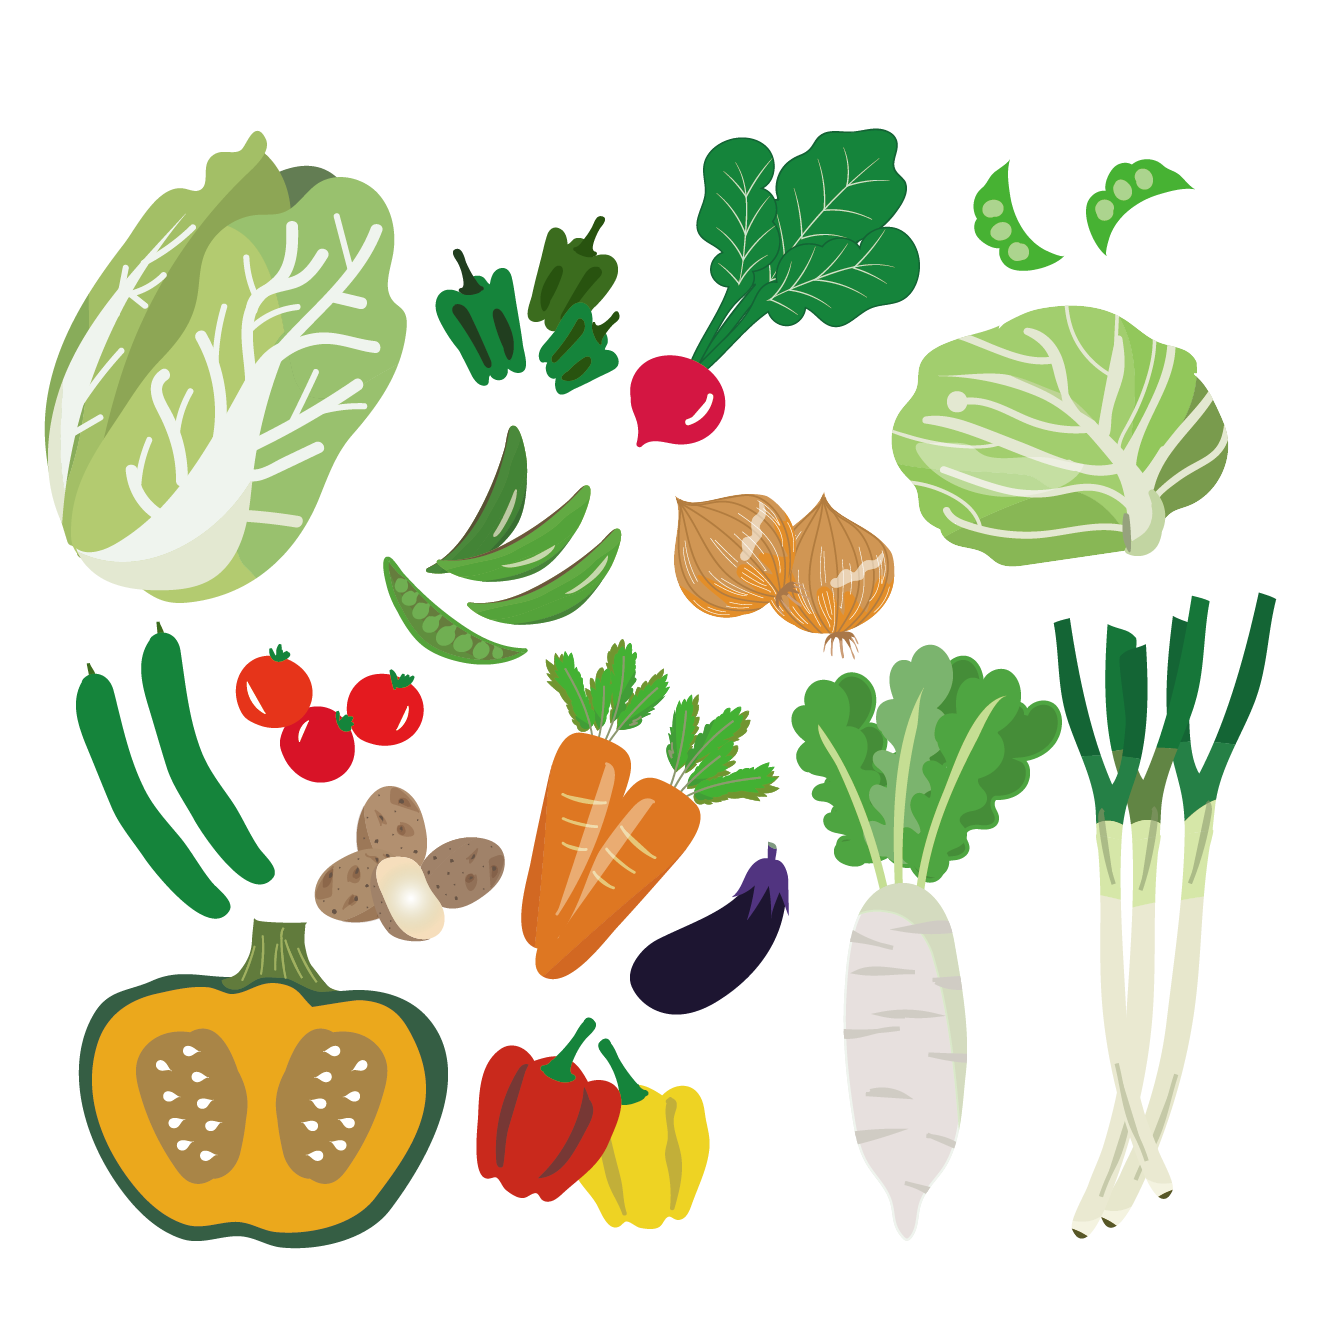 野菜 イラストみんな集合野菜まとめ 商用フリー無料のイラスト